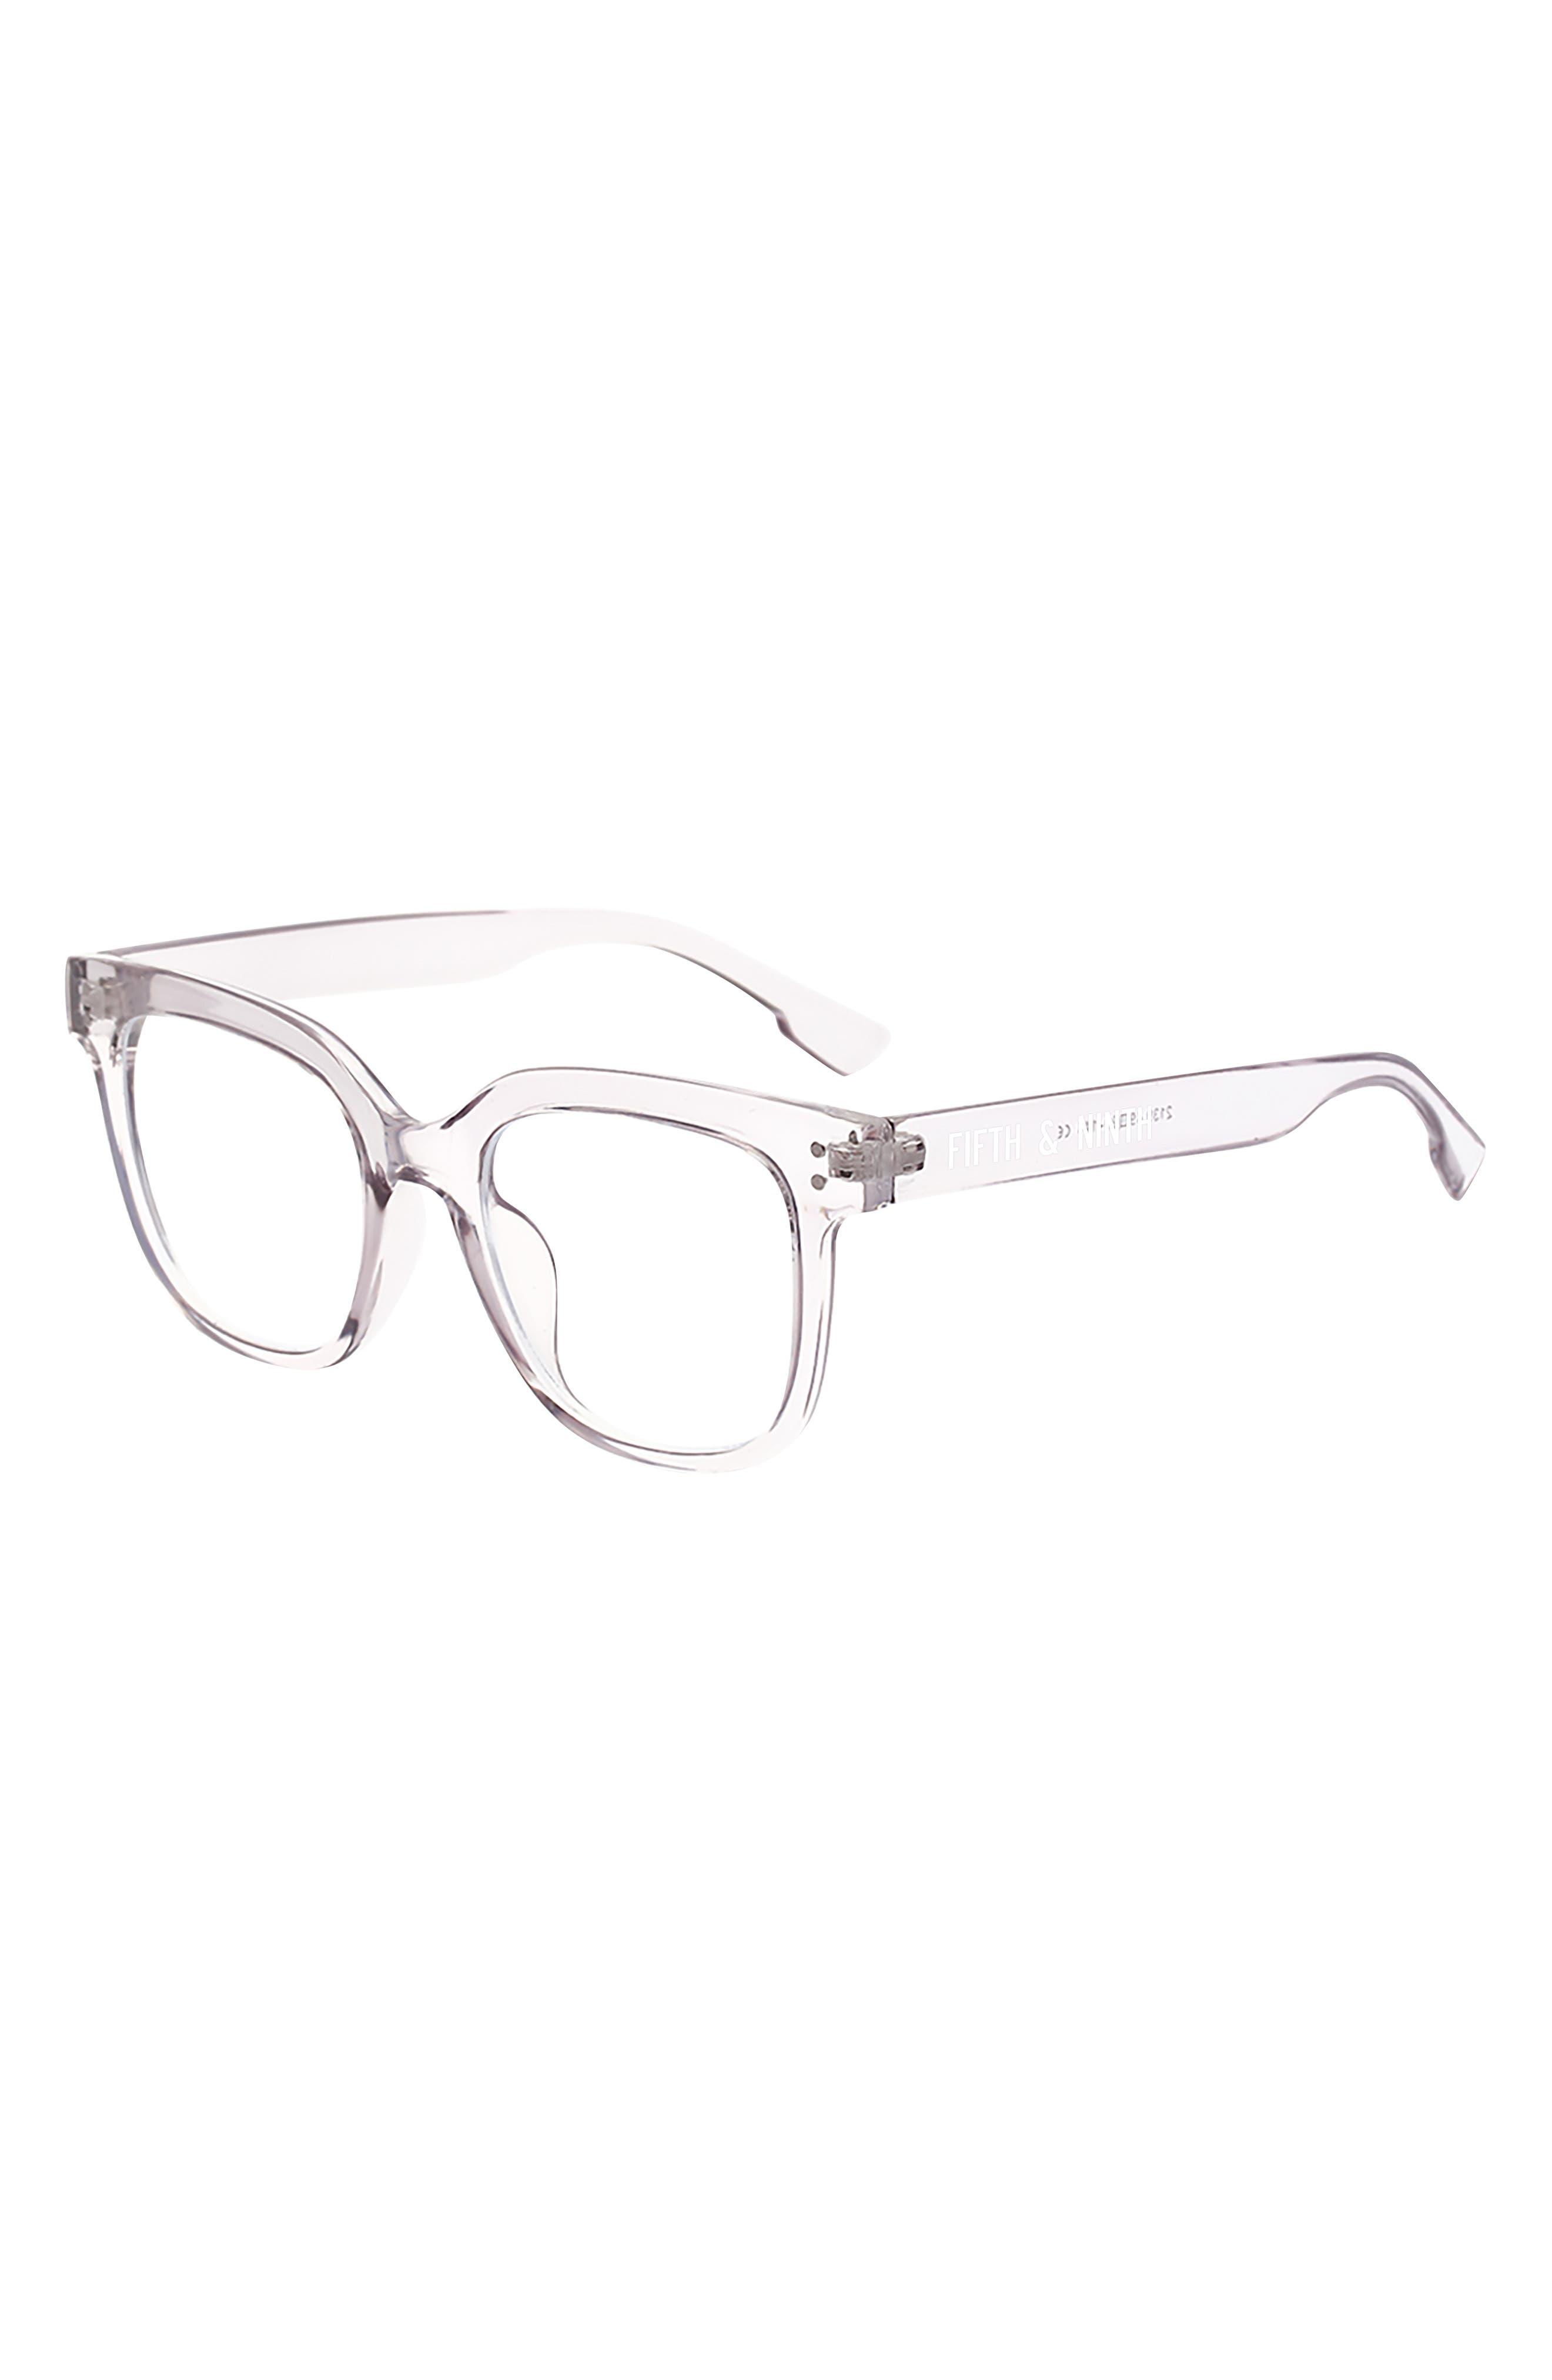 Draper 55mm Square Blue Light Blocking Glasses